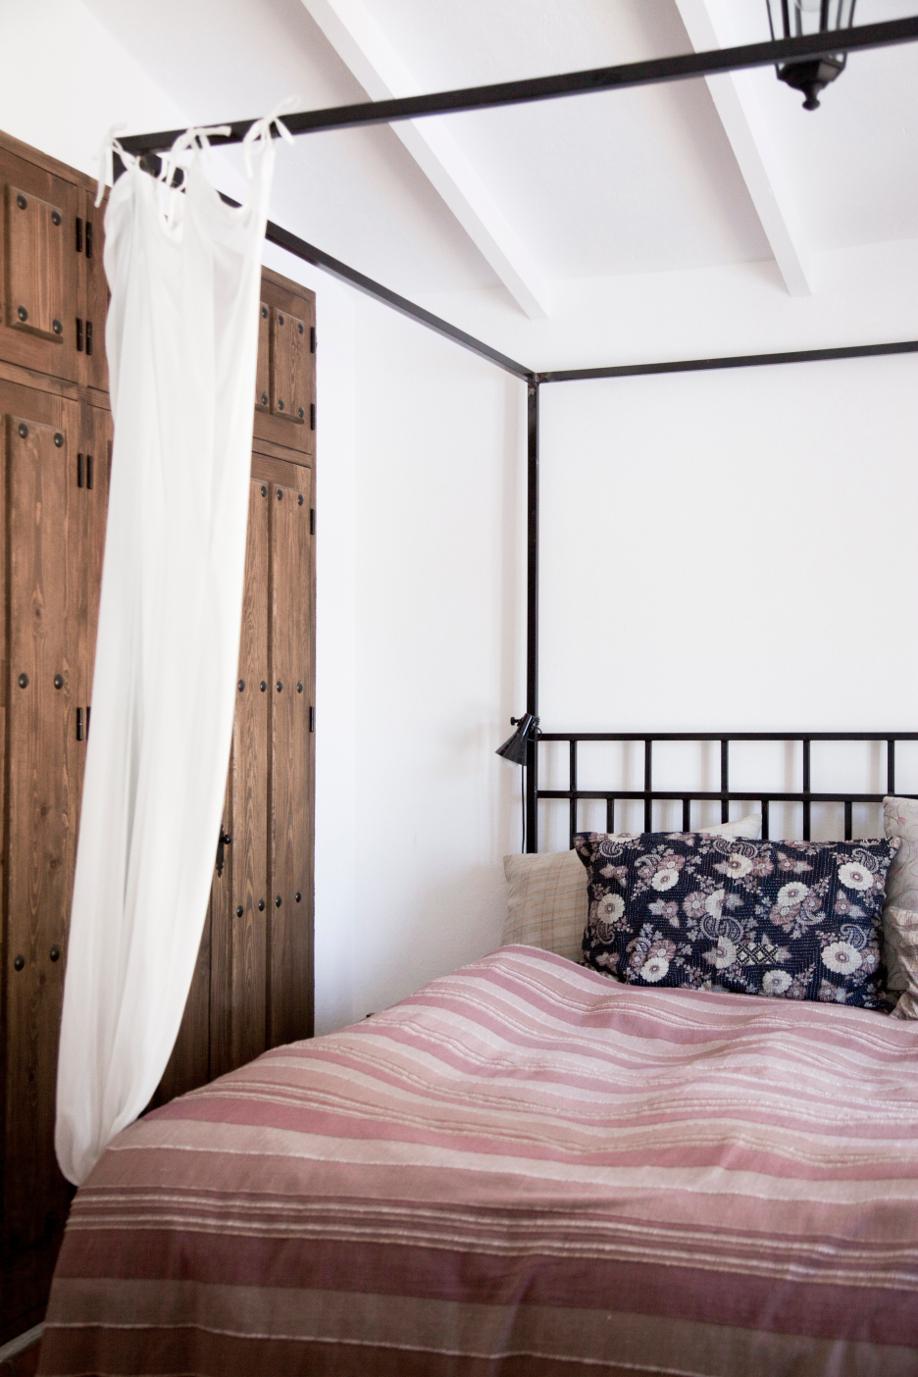 westwing-spanischer-stil-schlafzimmer-bett